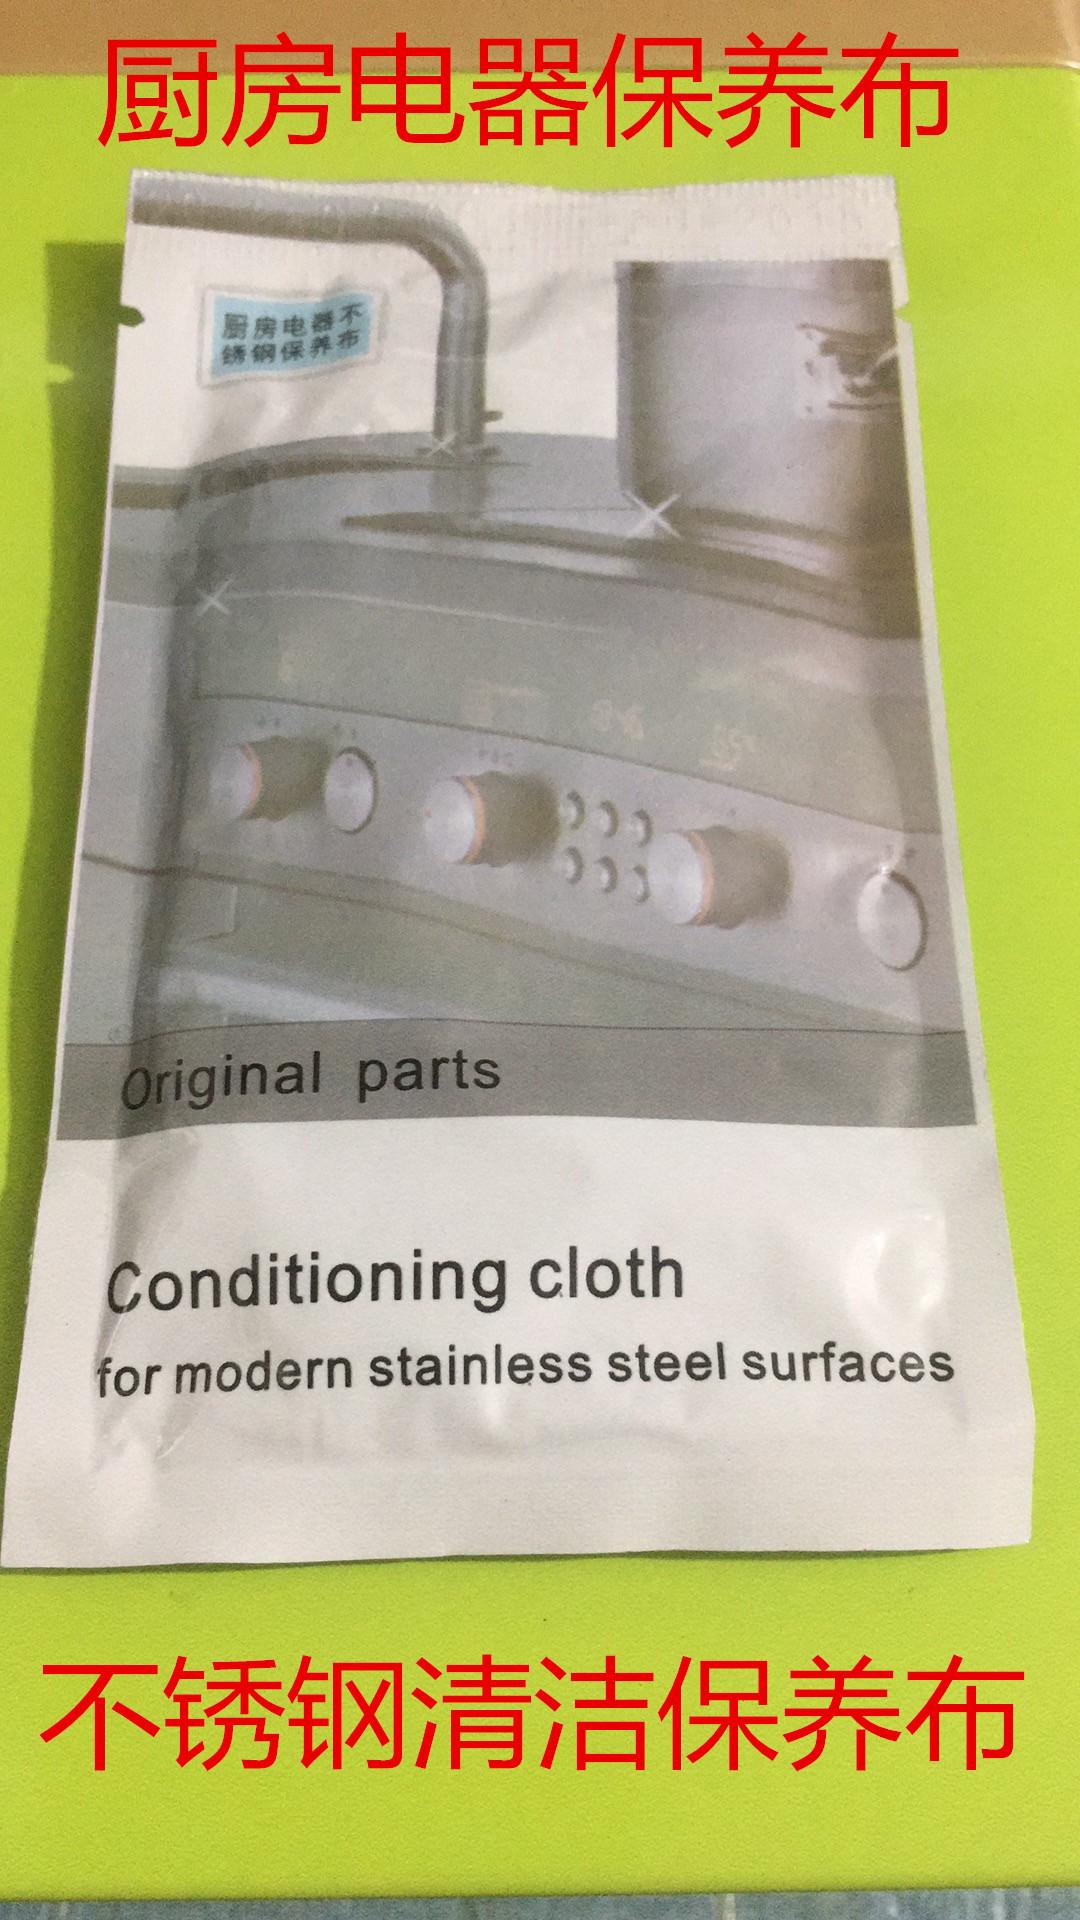 适用博世西门子厨房电器油烟机灶具不锈钢油脂布 不锈钢保养布